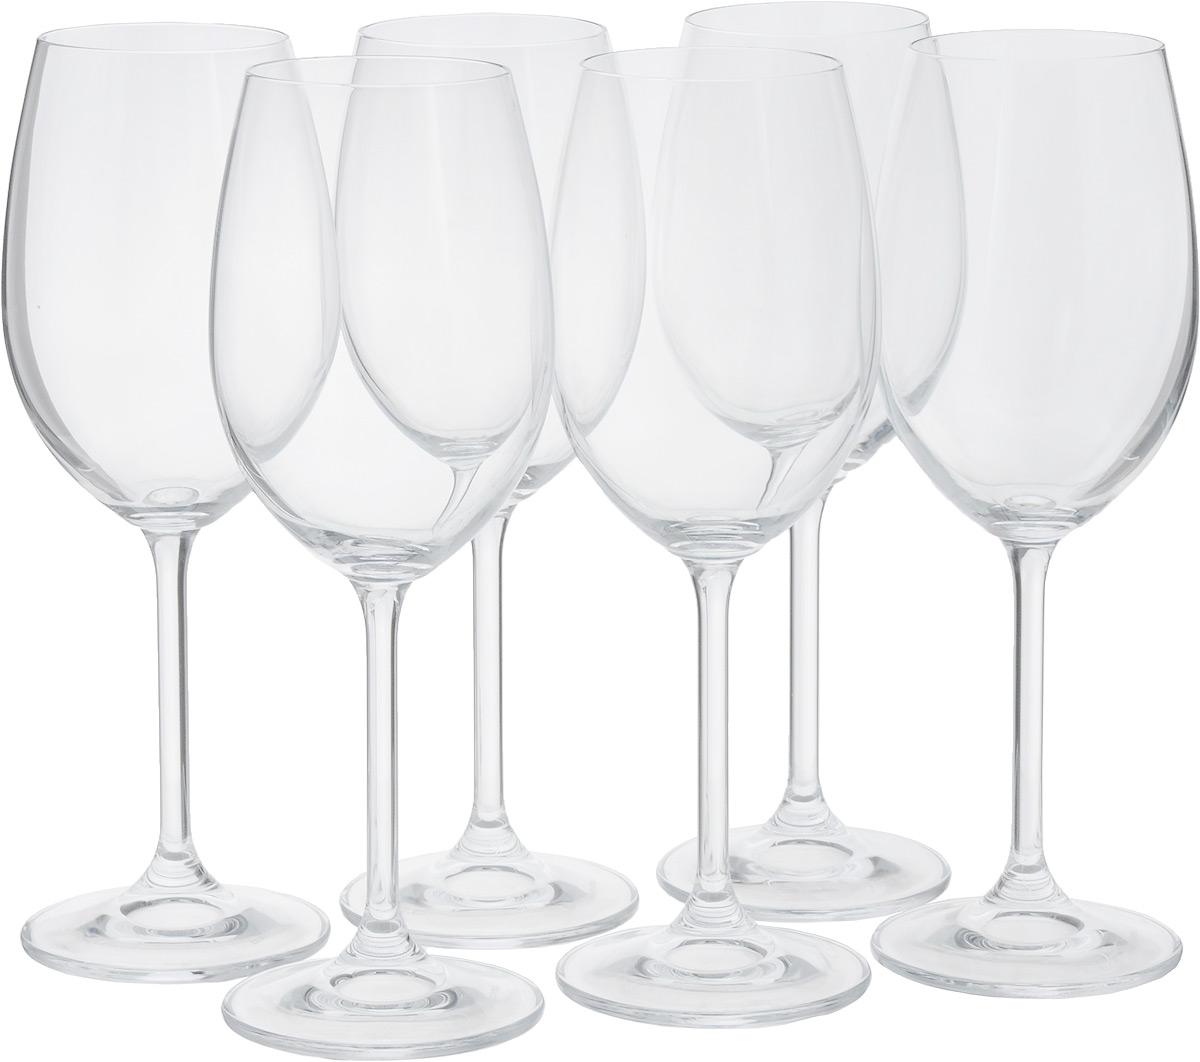 Набор бокалов для белого вина Tescoma Charlie, 350 мл, 6штVT-1520(SR)Набор Tescoma Charlie состоит из 6 бокалов, выполненных из прочного натрий-кальций-силикатного стекла. Изделия оснащены высокими ножками и предназначены для подачи белого вина. Они сочетают в себе элегантный дизайн и функциональность. Набор бокалов Tescoma Charlie прекрасно оформит праздничный стол и создаст приятную атмосферу за романтическим ужином. Такой набор также станет хорошим подарком к любому случаю. Можно мыть в посудомоечной машине.Высота бокала: 22 см.Диаметр бокала (по верхнему краю): 6 см.